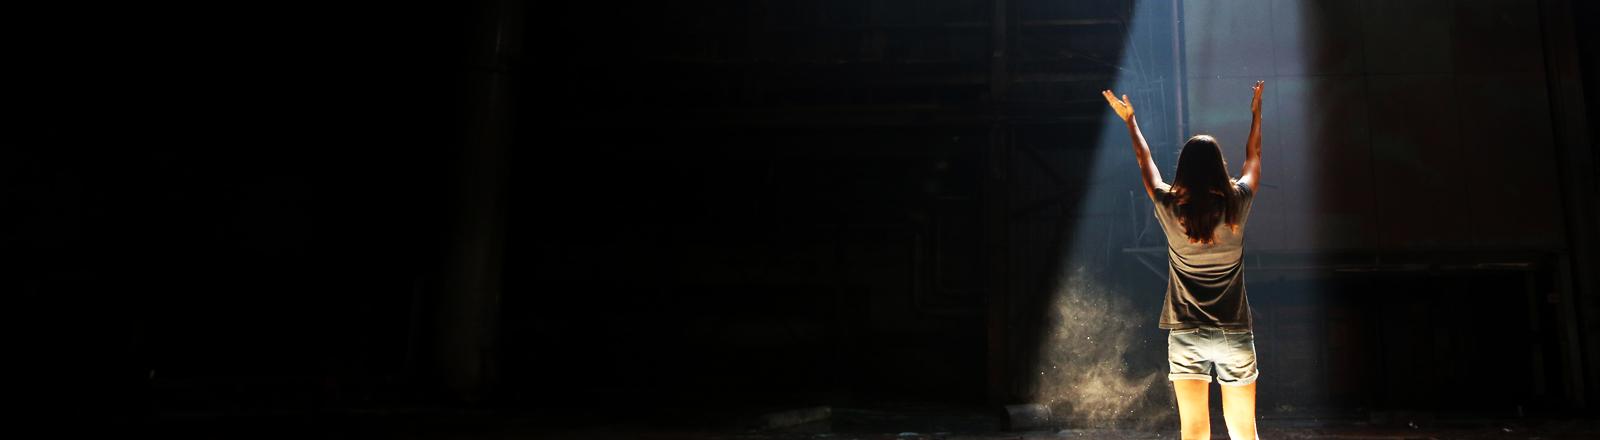 Eine Frau steht mit erhobenen Armen im Scheinwerferlicht.